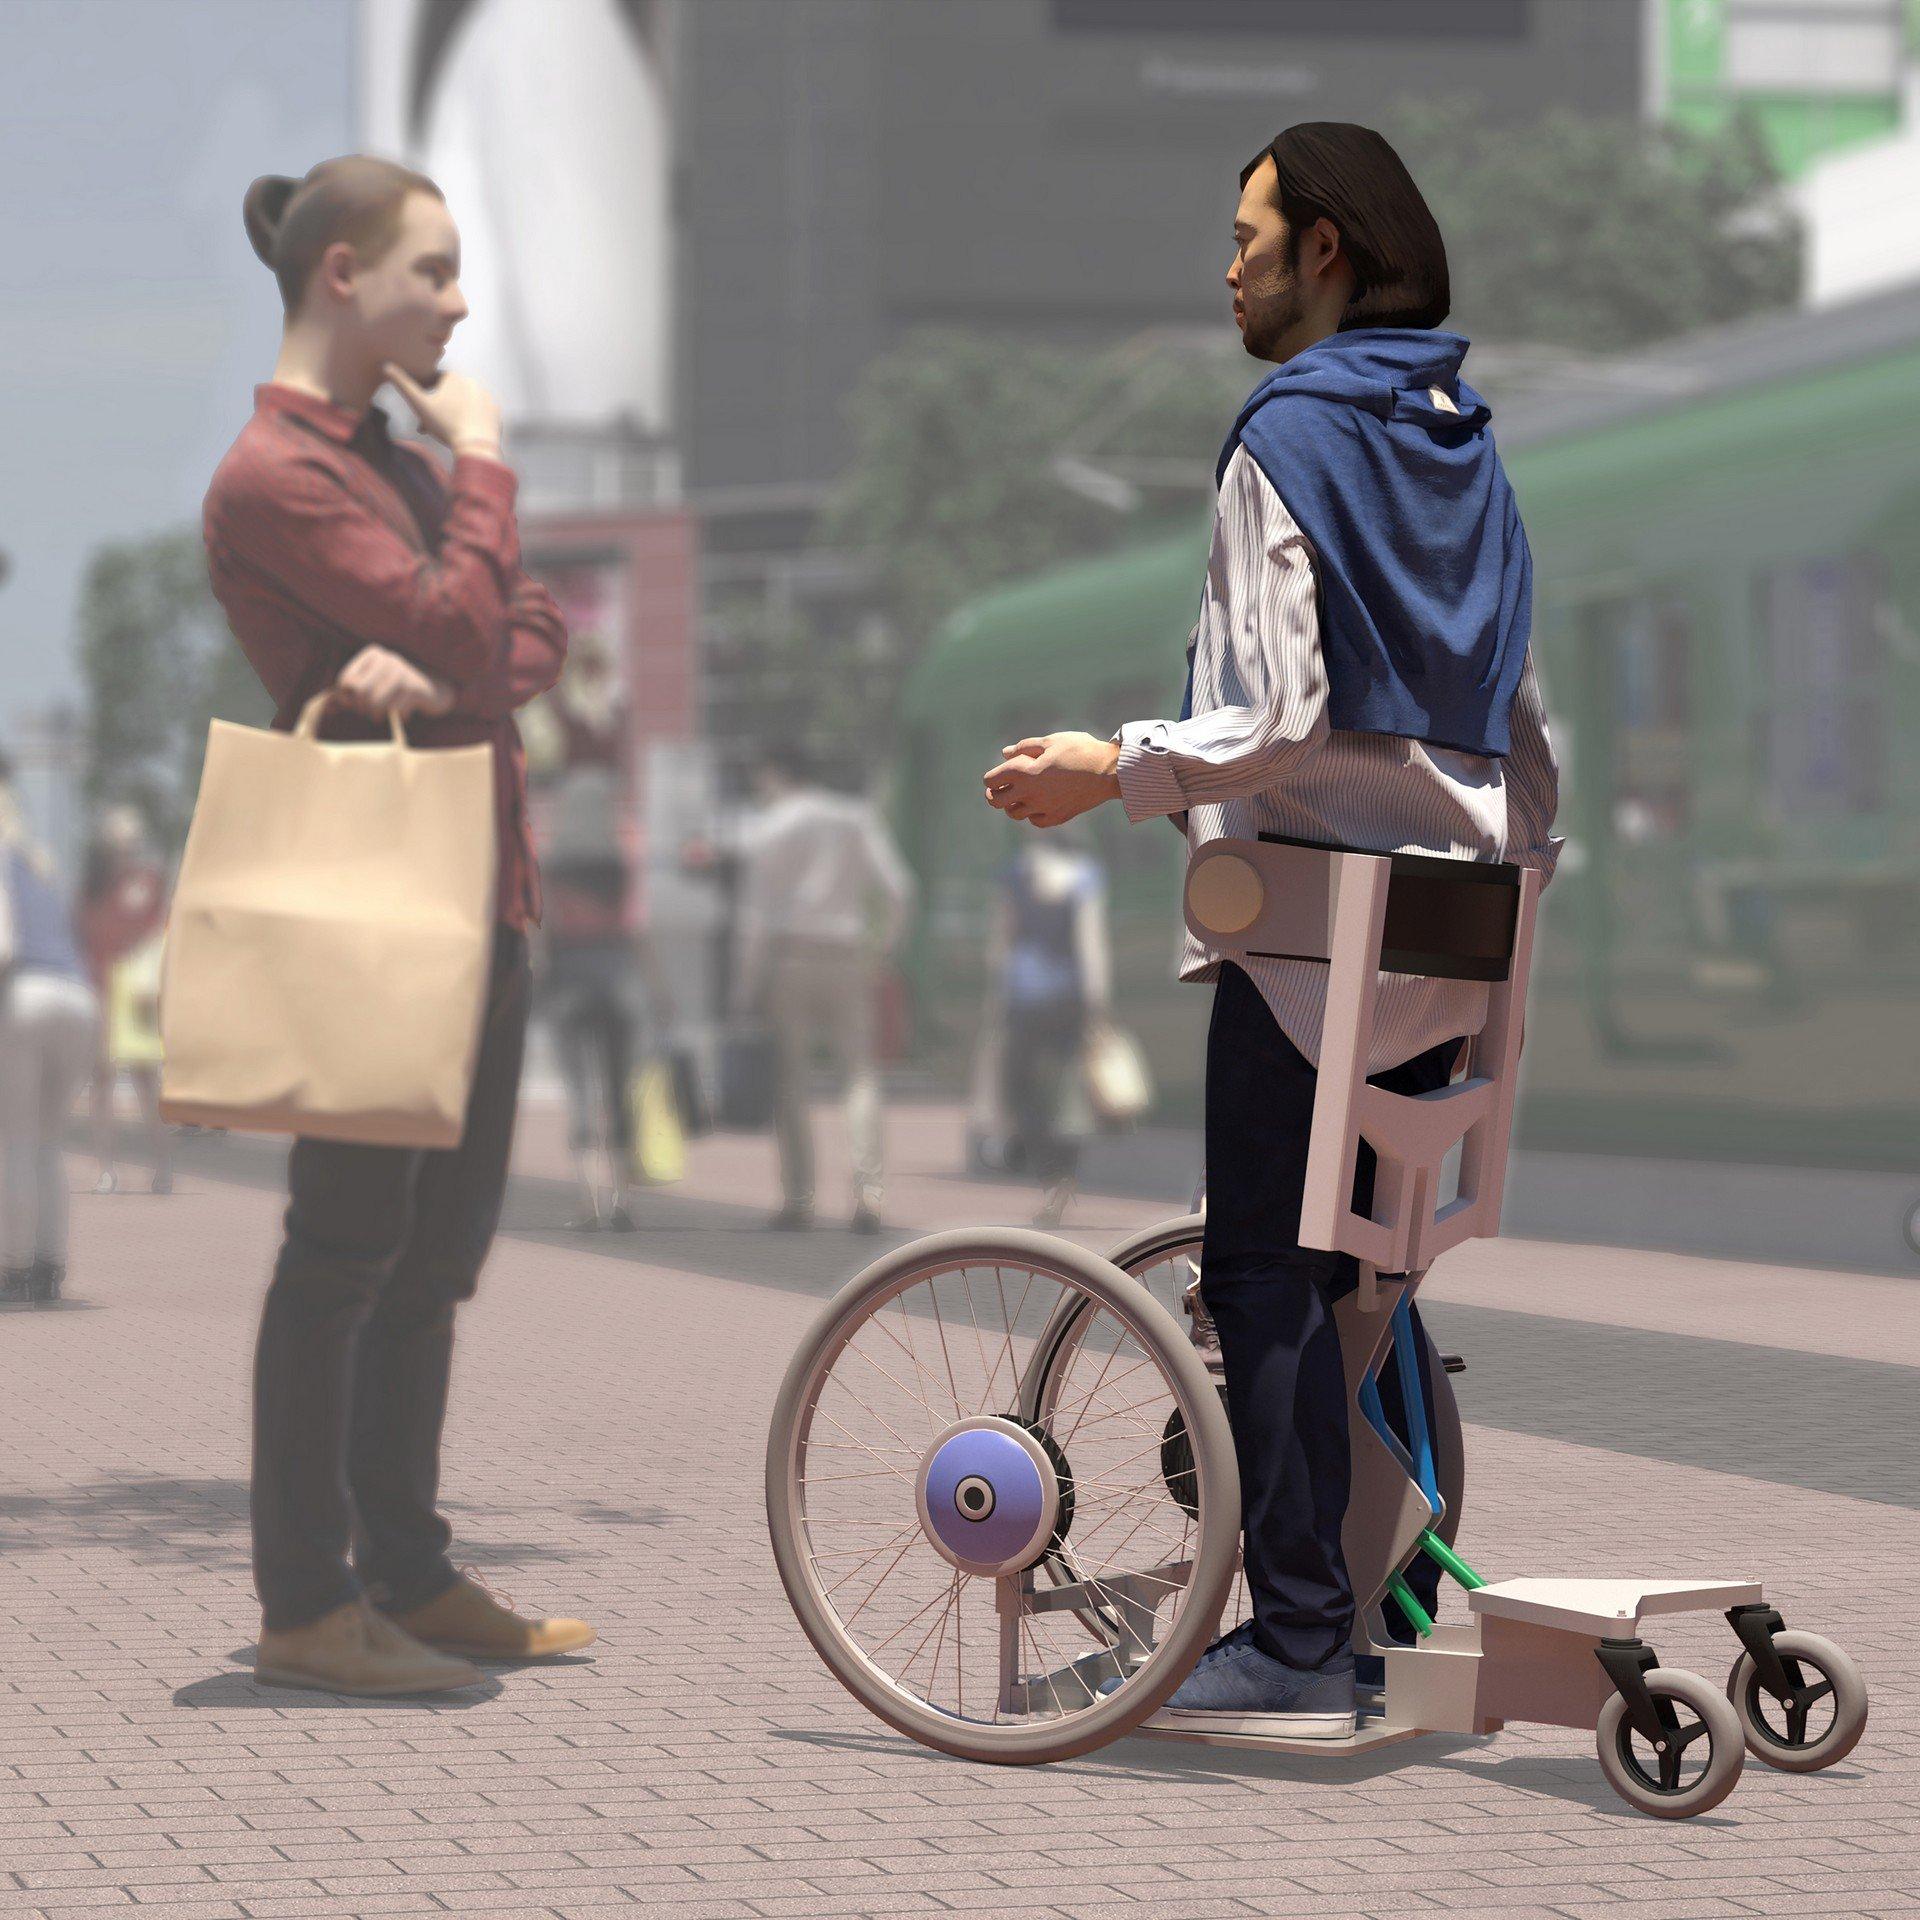 تویوتا صندلیهای چرخدار را متحول میکند